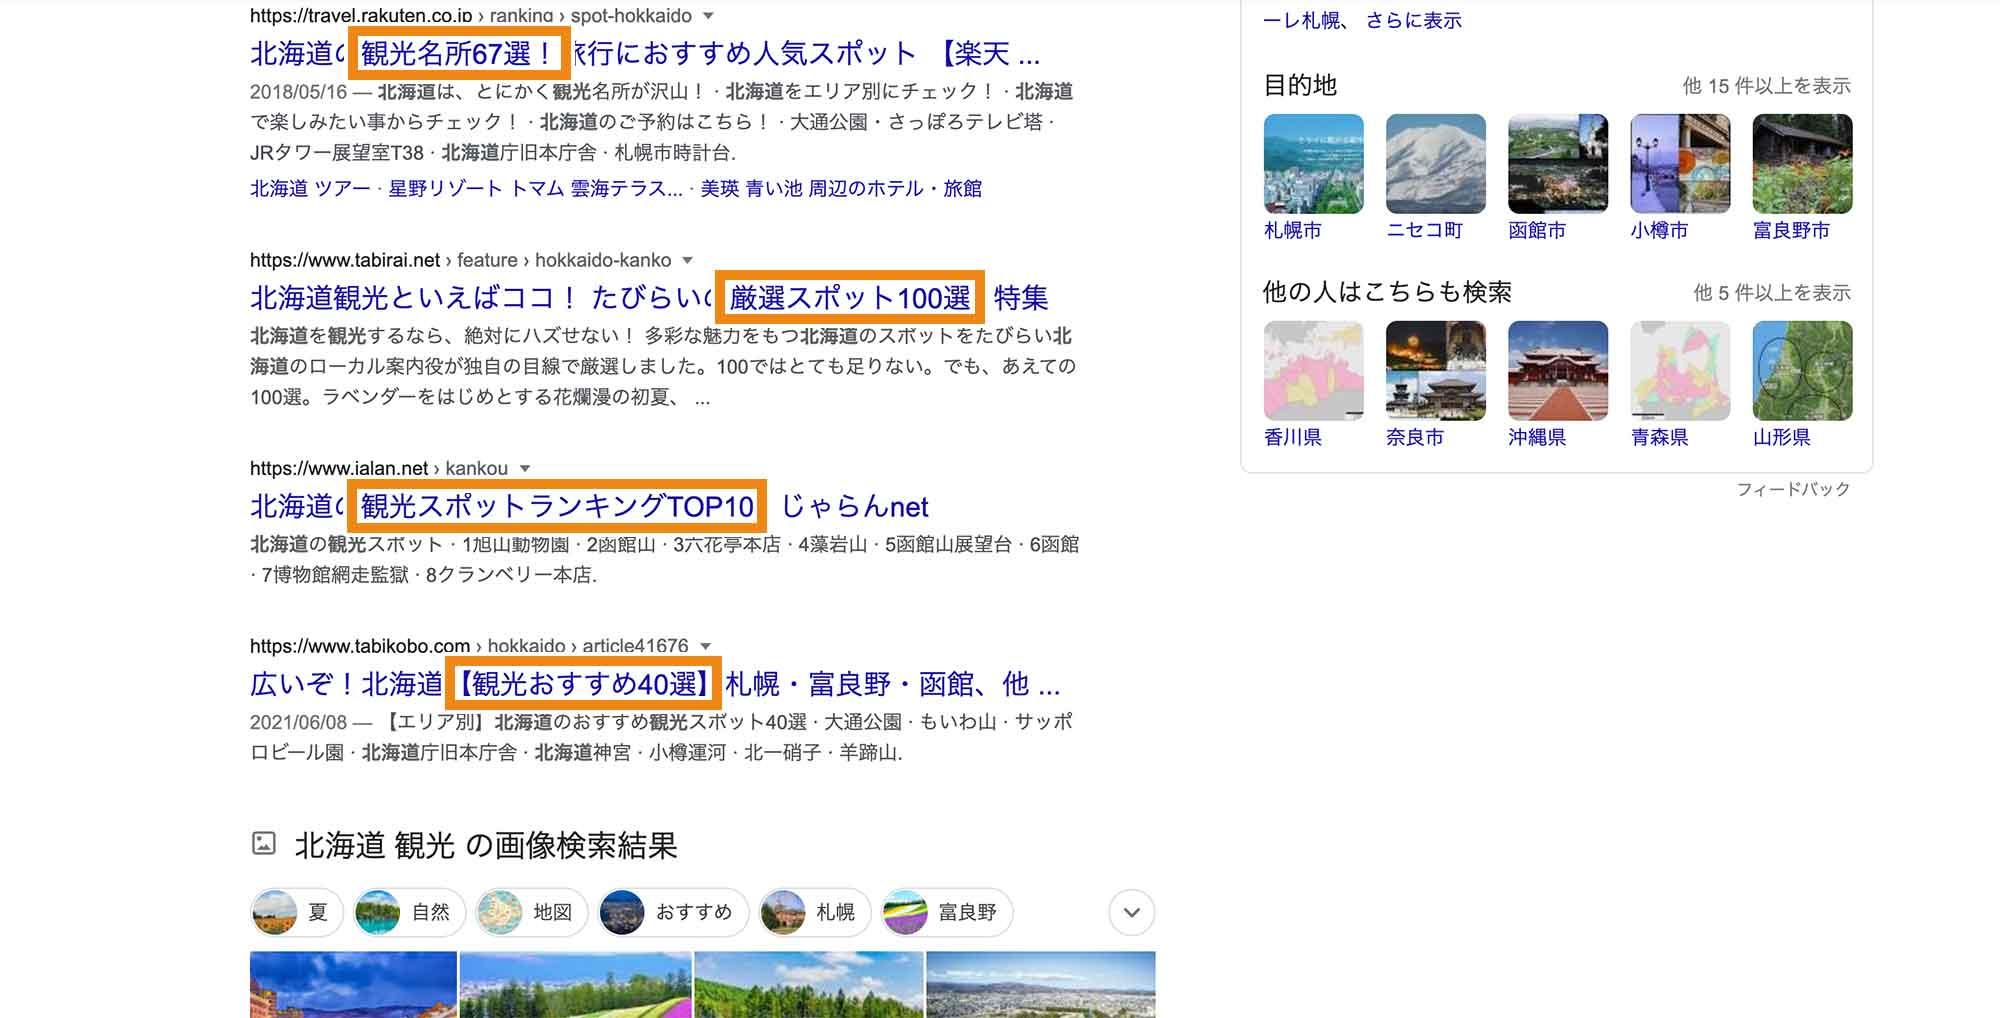 「北海道 観光」の検索結果